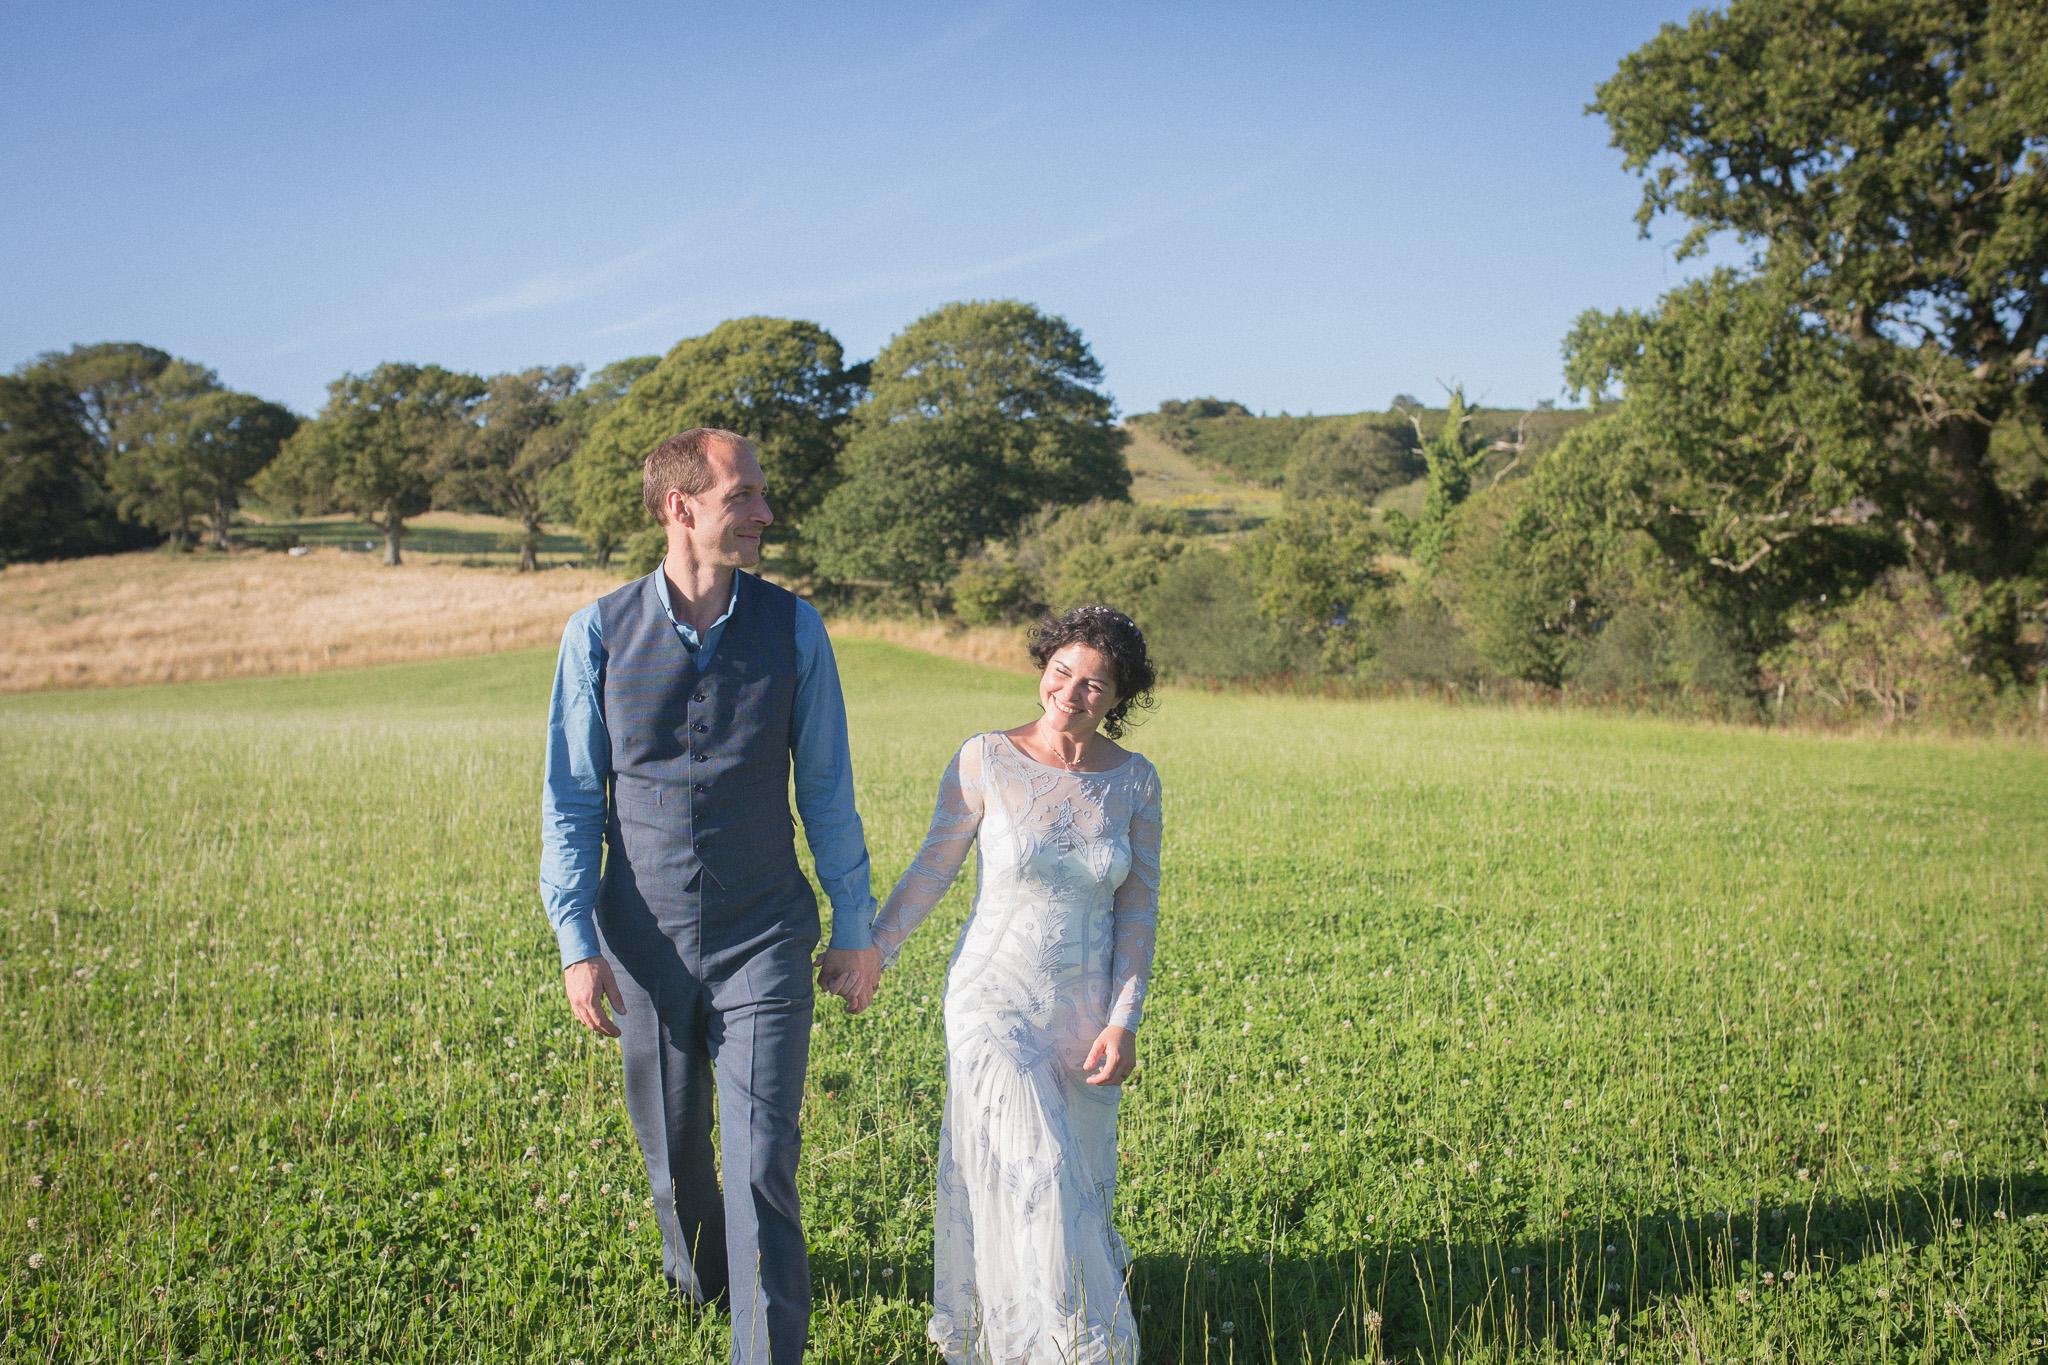 Elisa-Ryan-Rustic-Wedding-Blog-134.jpg